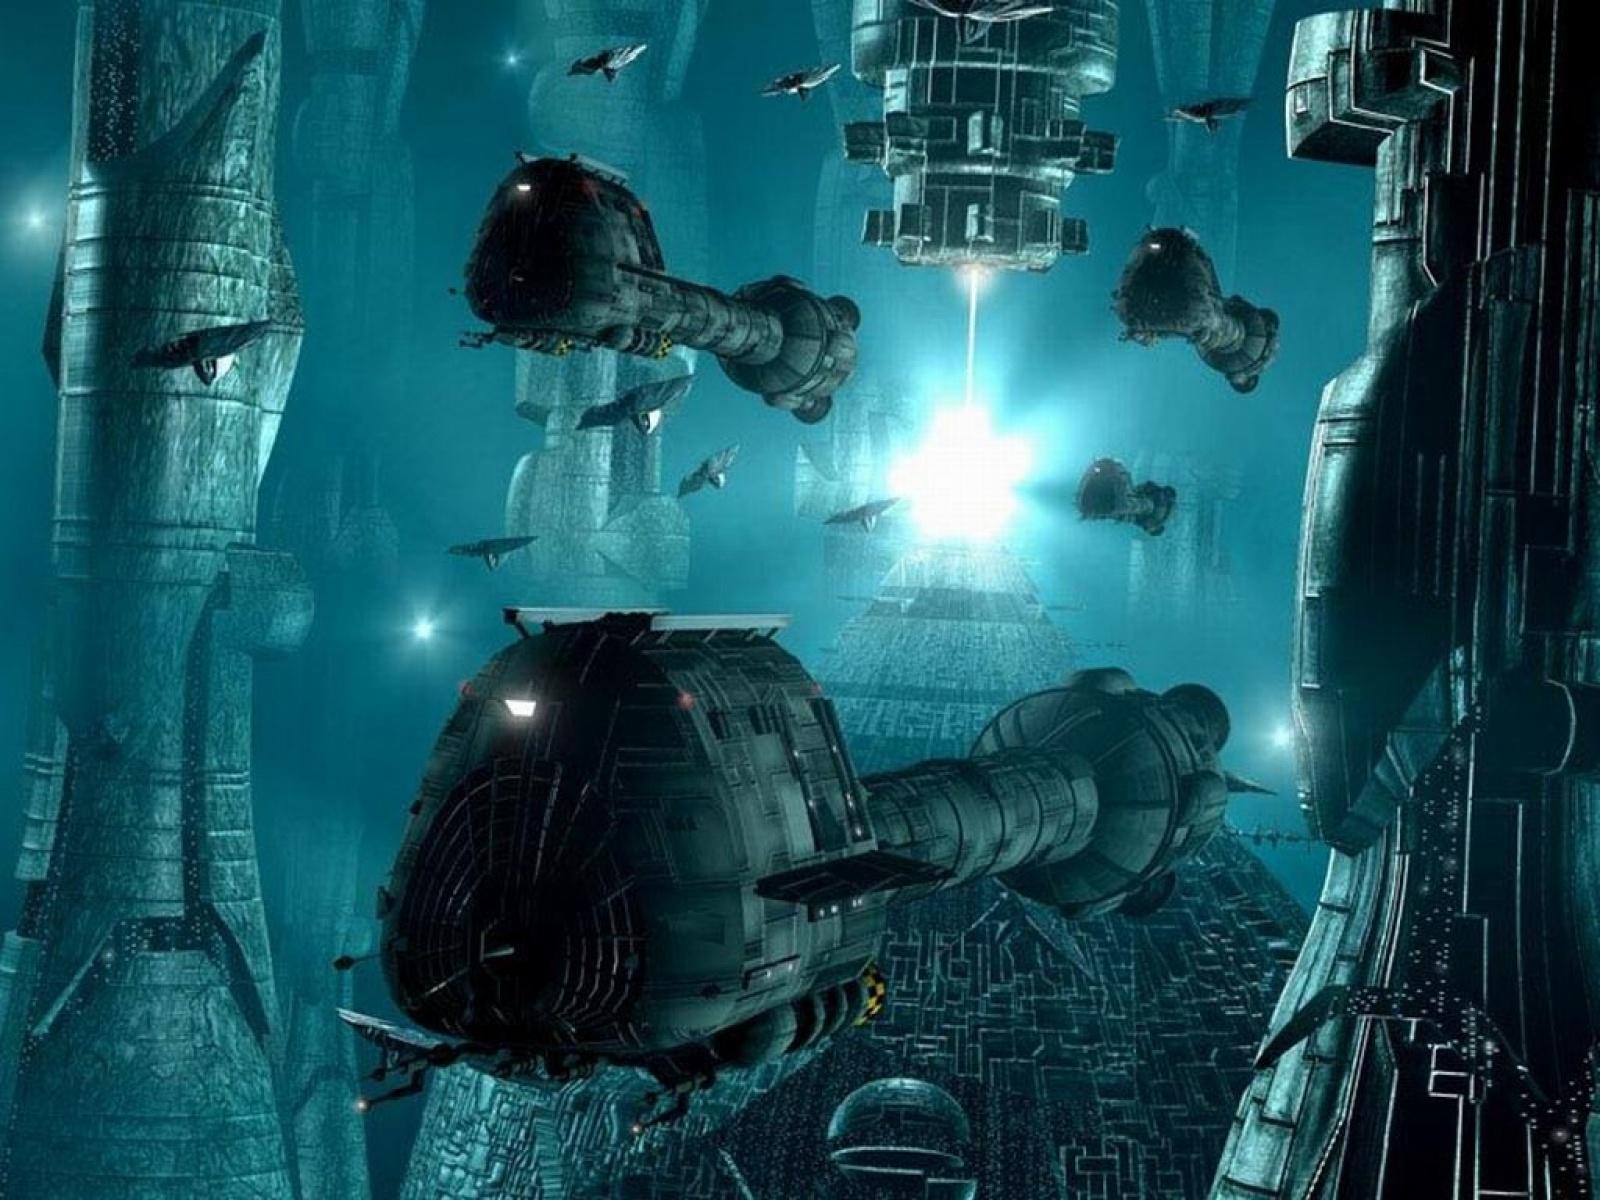 3D Space War Wallpaper   7144 1600x1200